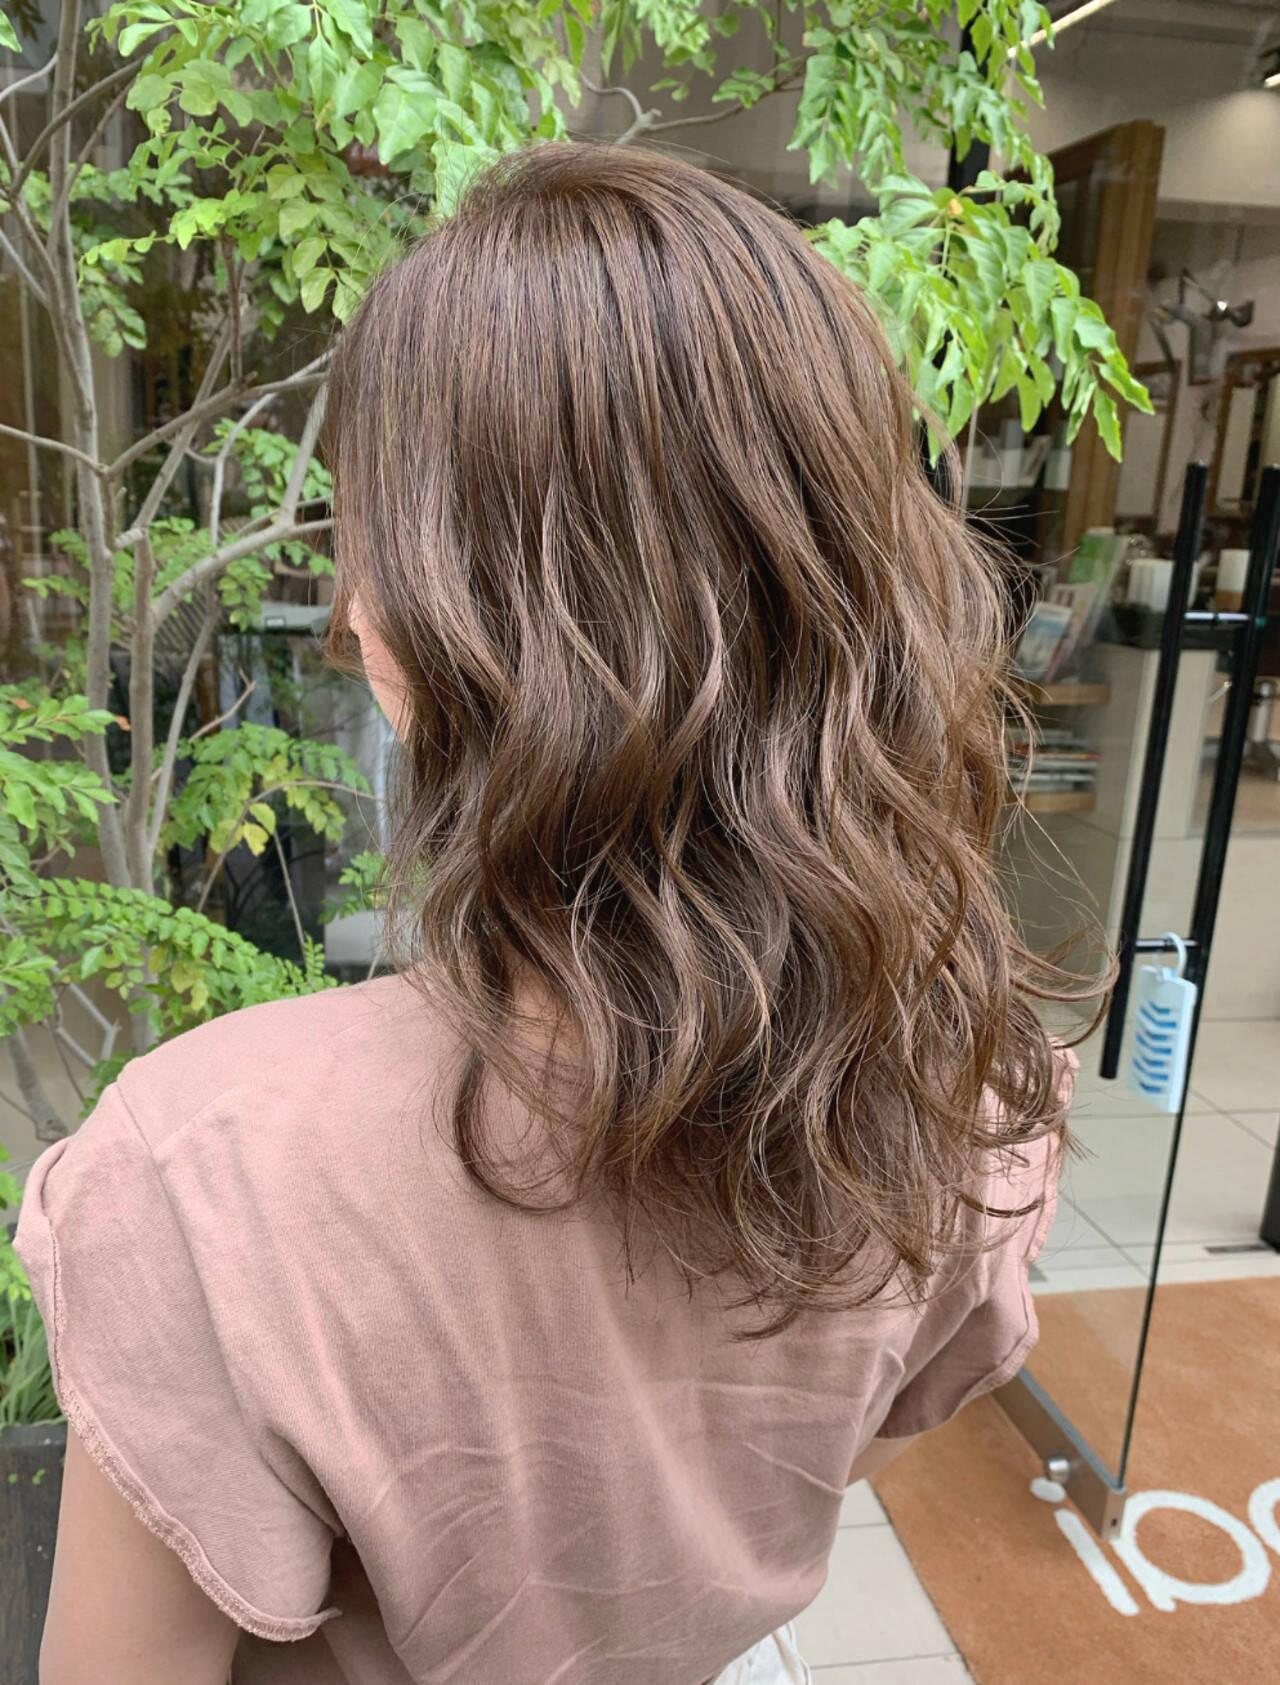 ベージュ ミルクティーベージュ ミルクティー ロングヘアスタイルや髪型の写真・画像